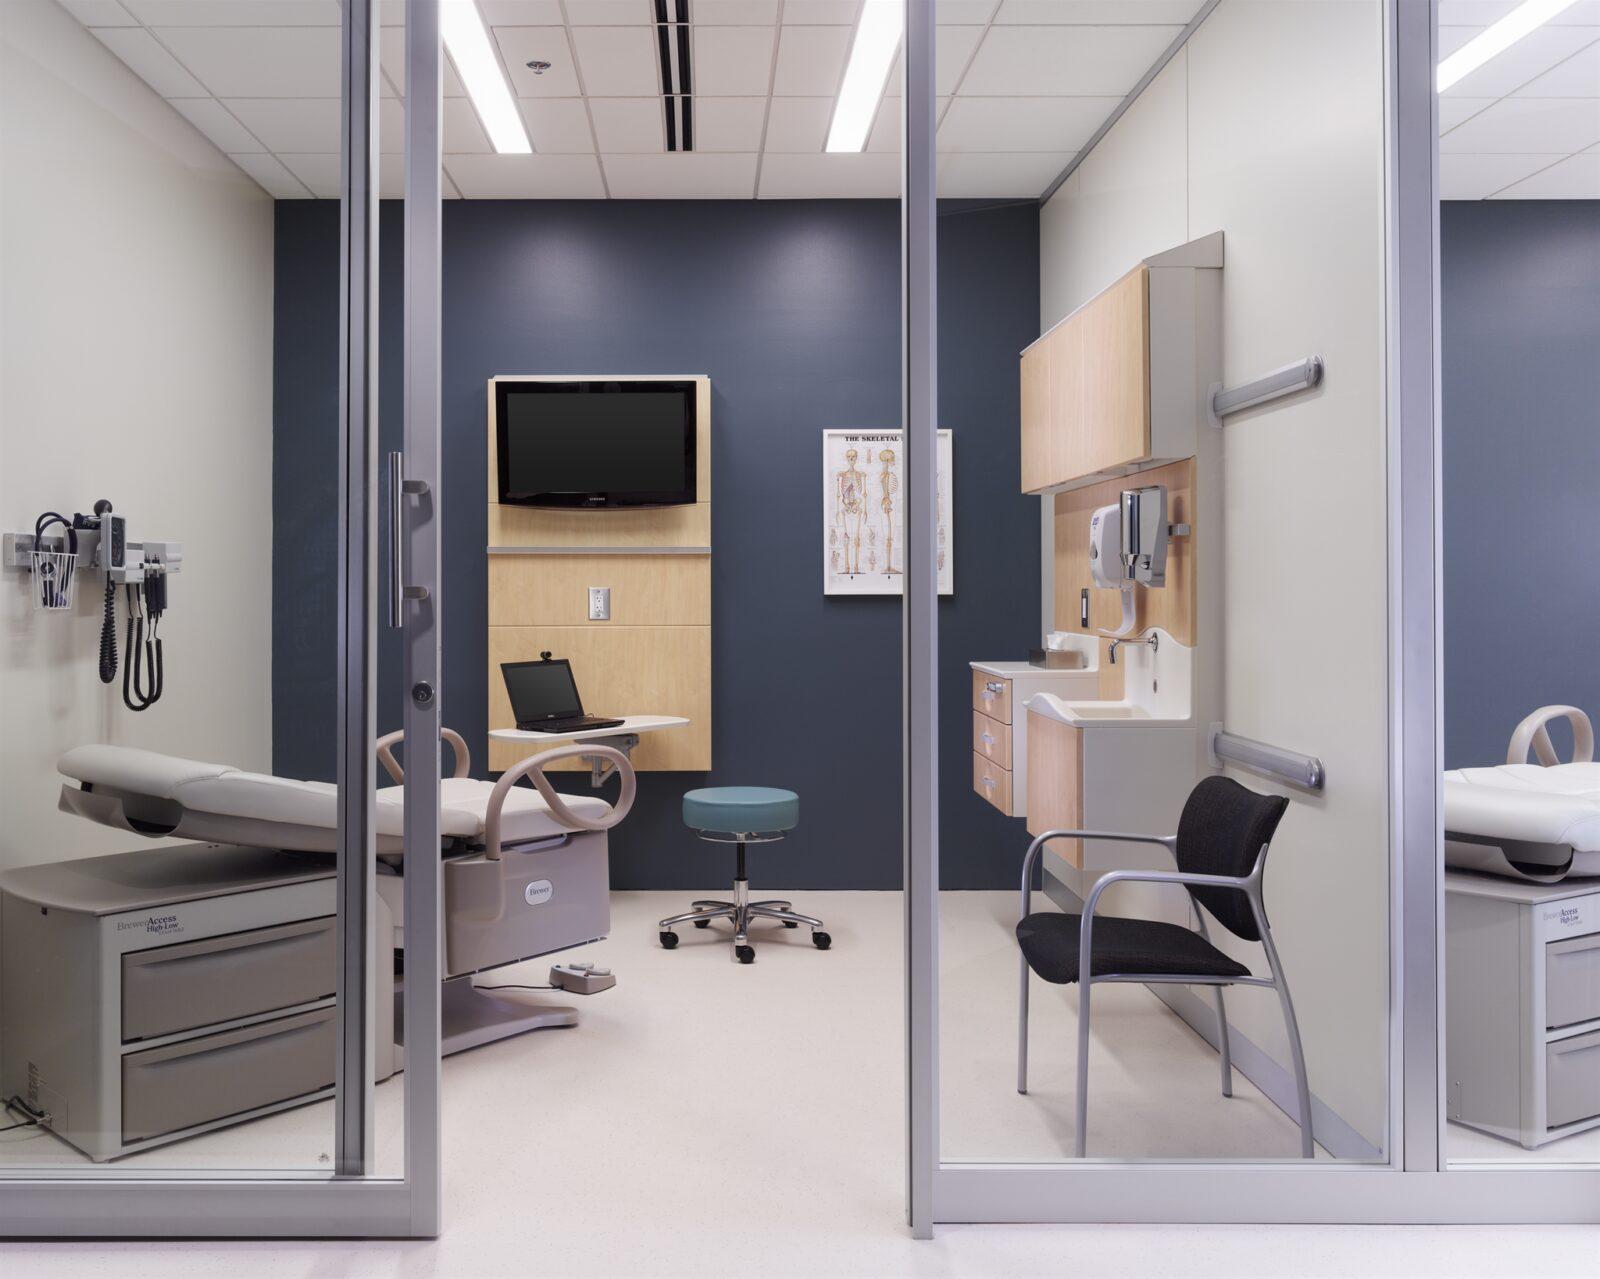 Markets Healthcare Exam Room Gallery